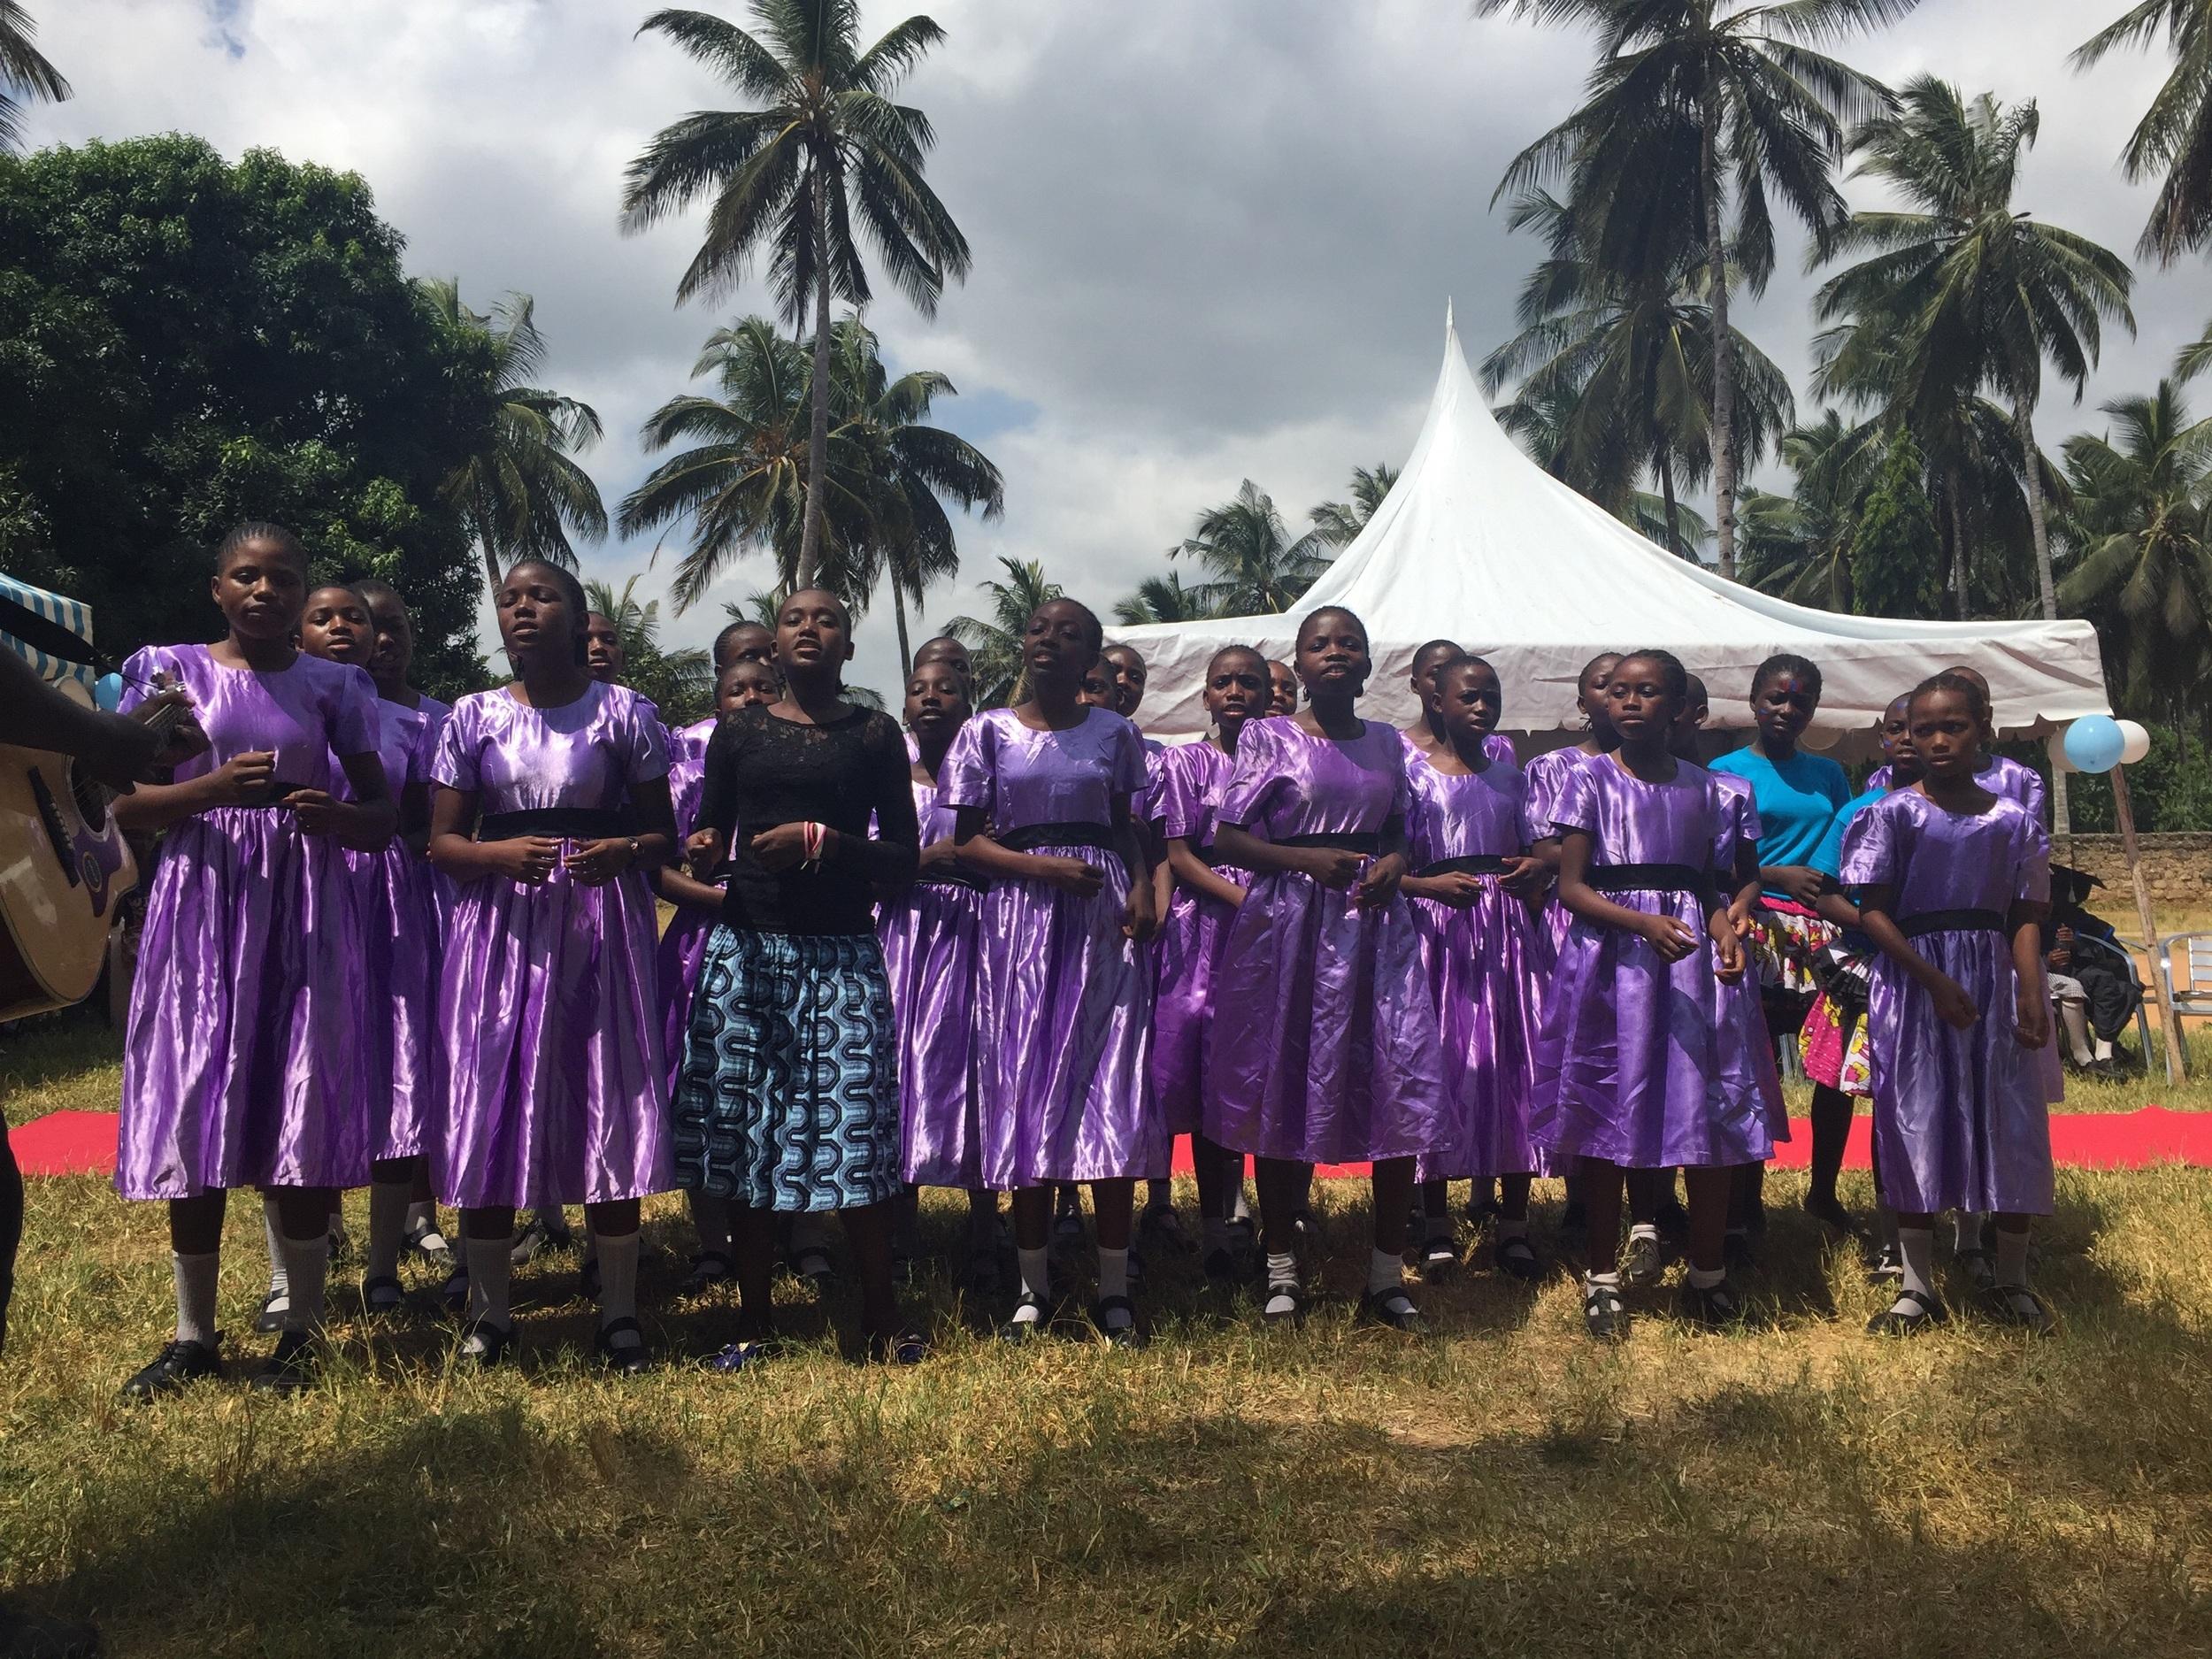 The school choir preformed two songs.